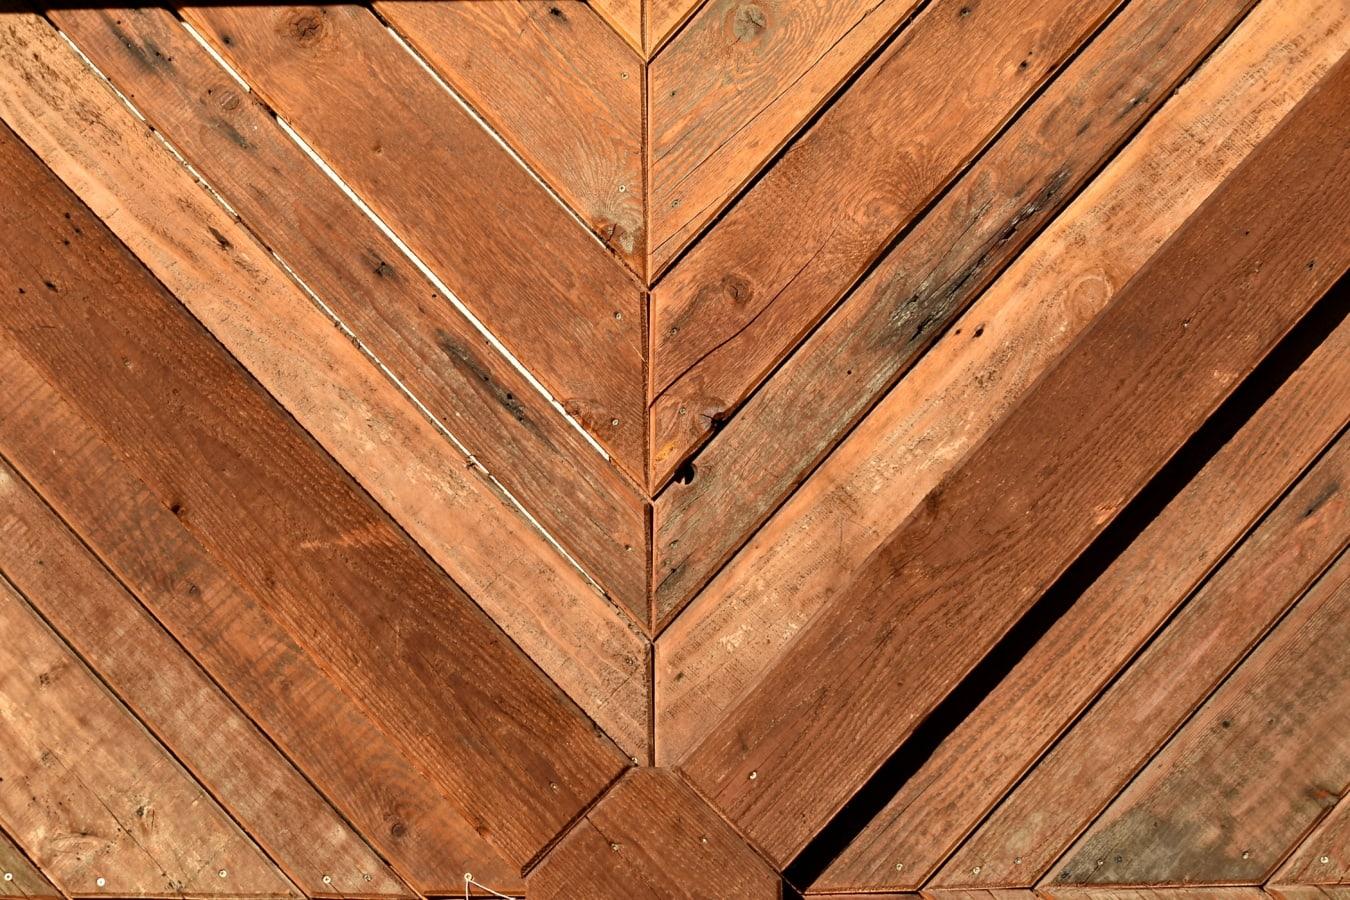 stary styl, Dąb, tekstury, Stolarstwo, drewniane, drewniane, drewno, powierzchni, panelu, szorstki